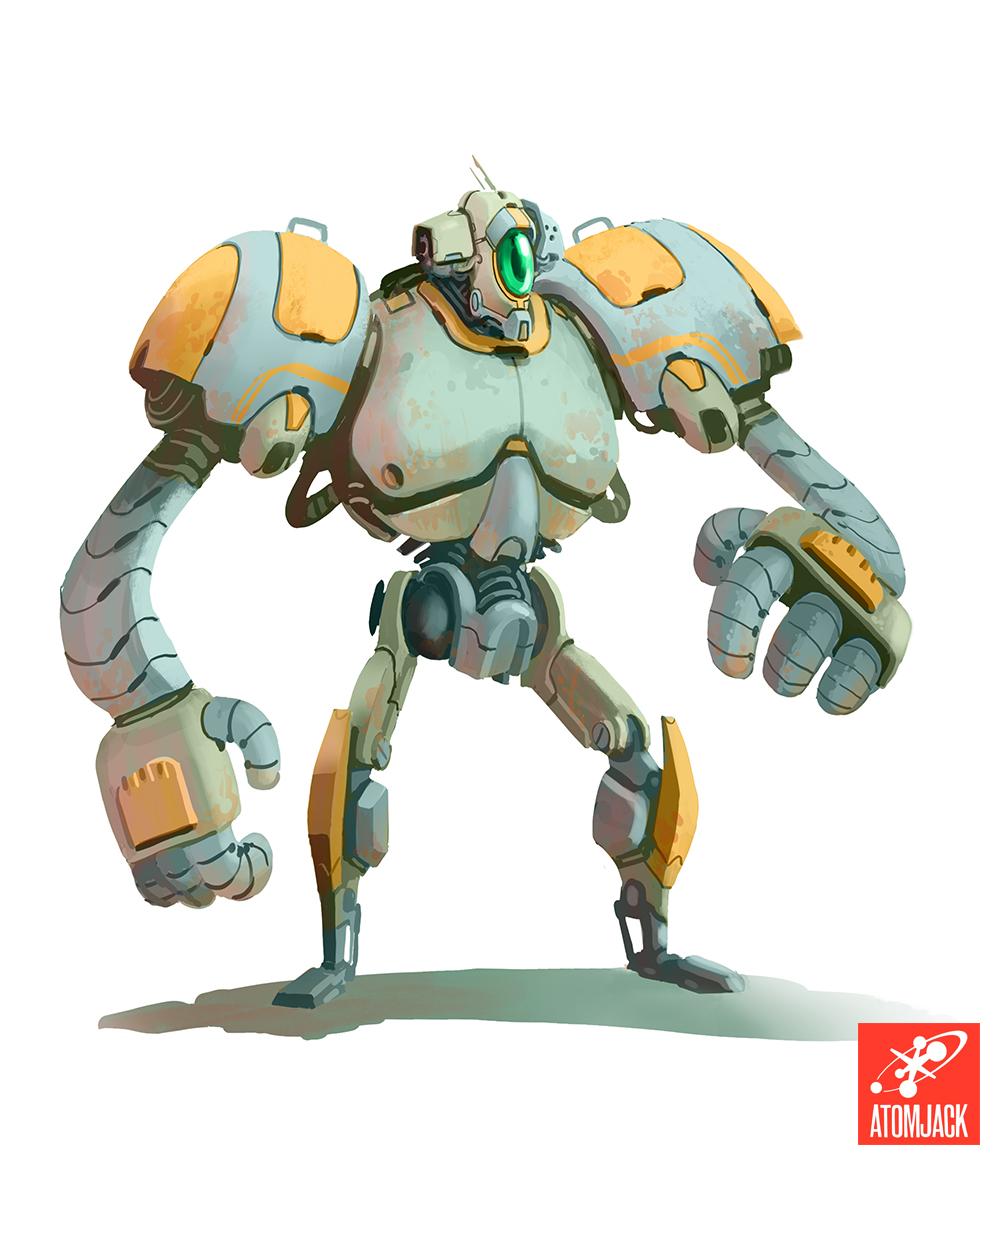 Dev Blog: Designing a Heroic Robot — AtomJack: www.atomjack.net/blog/2014/12/9/dev-blog-designing-a-heroic-robot